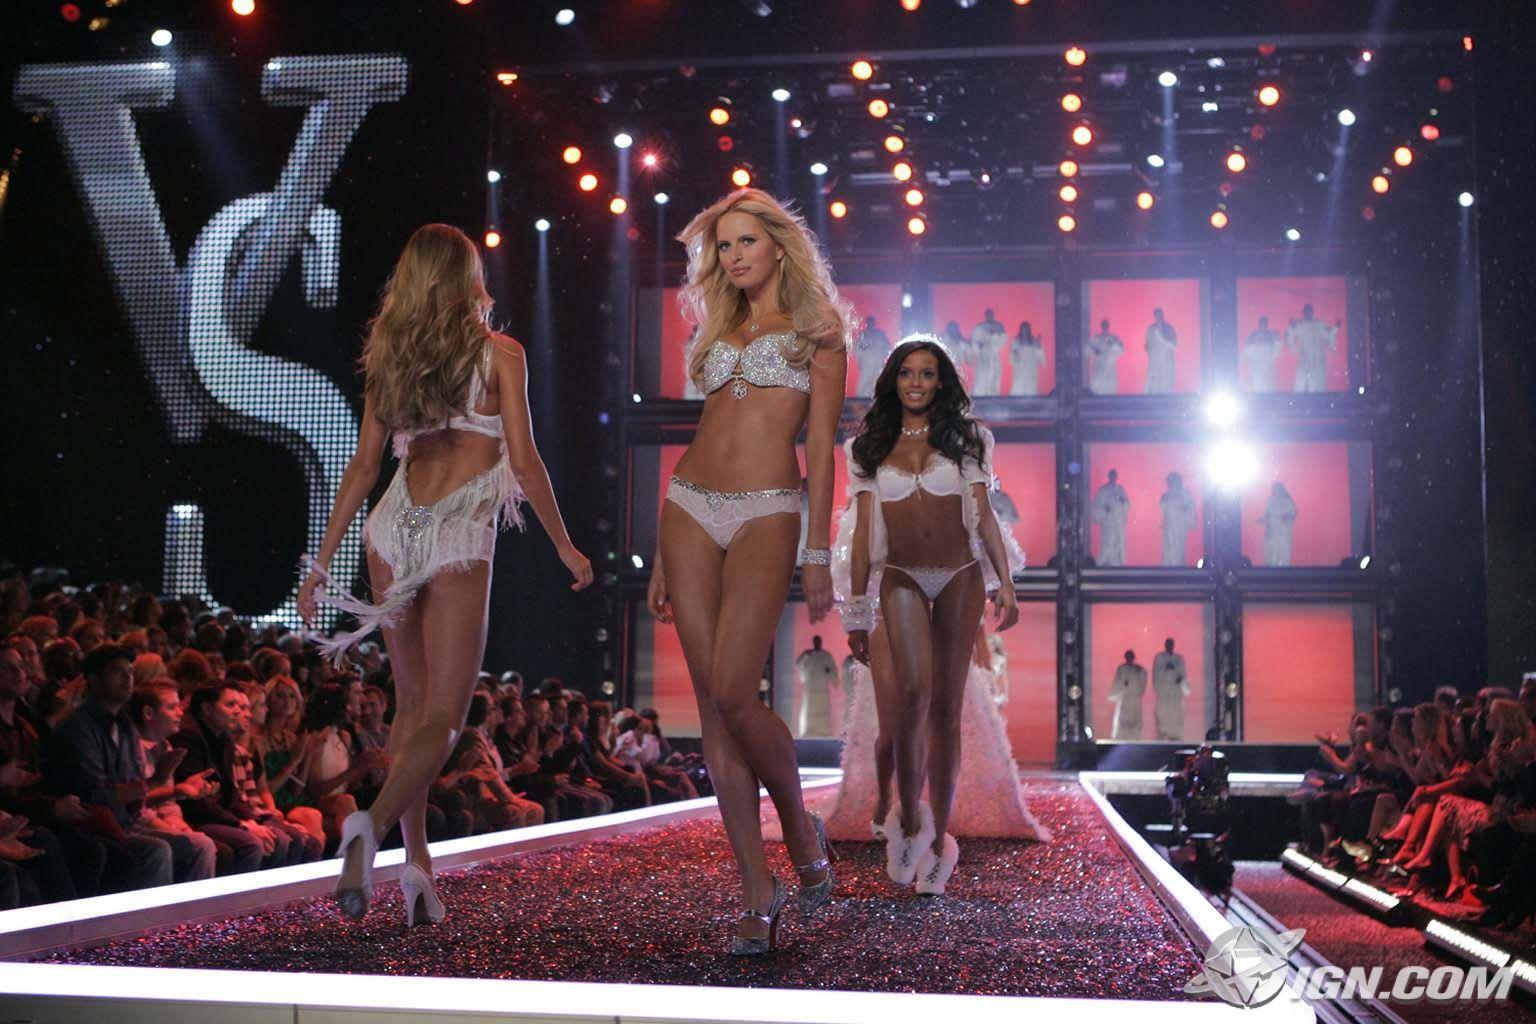 Victorias Secret Fashion Show (2006)